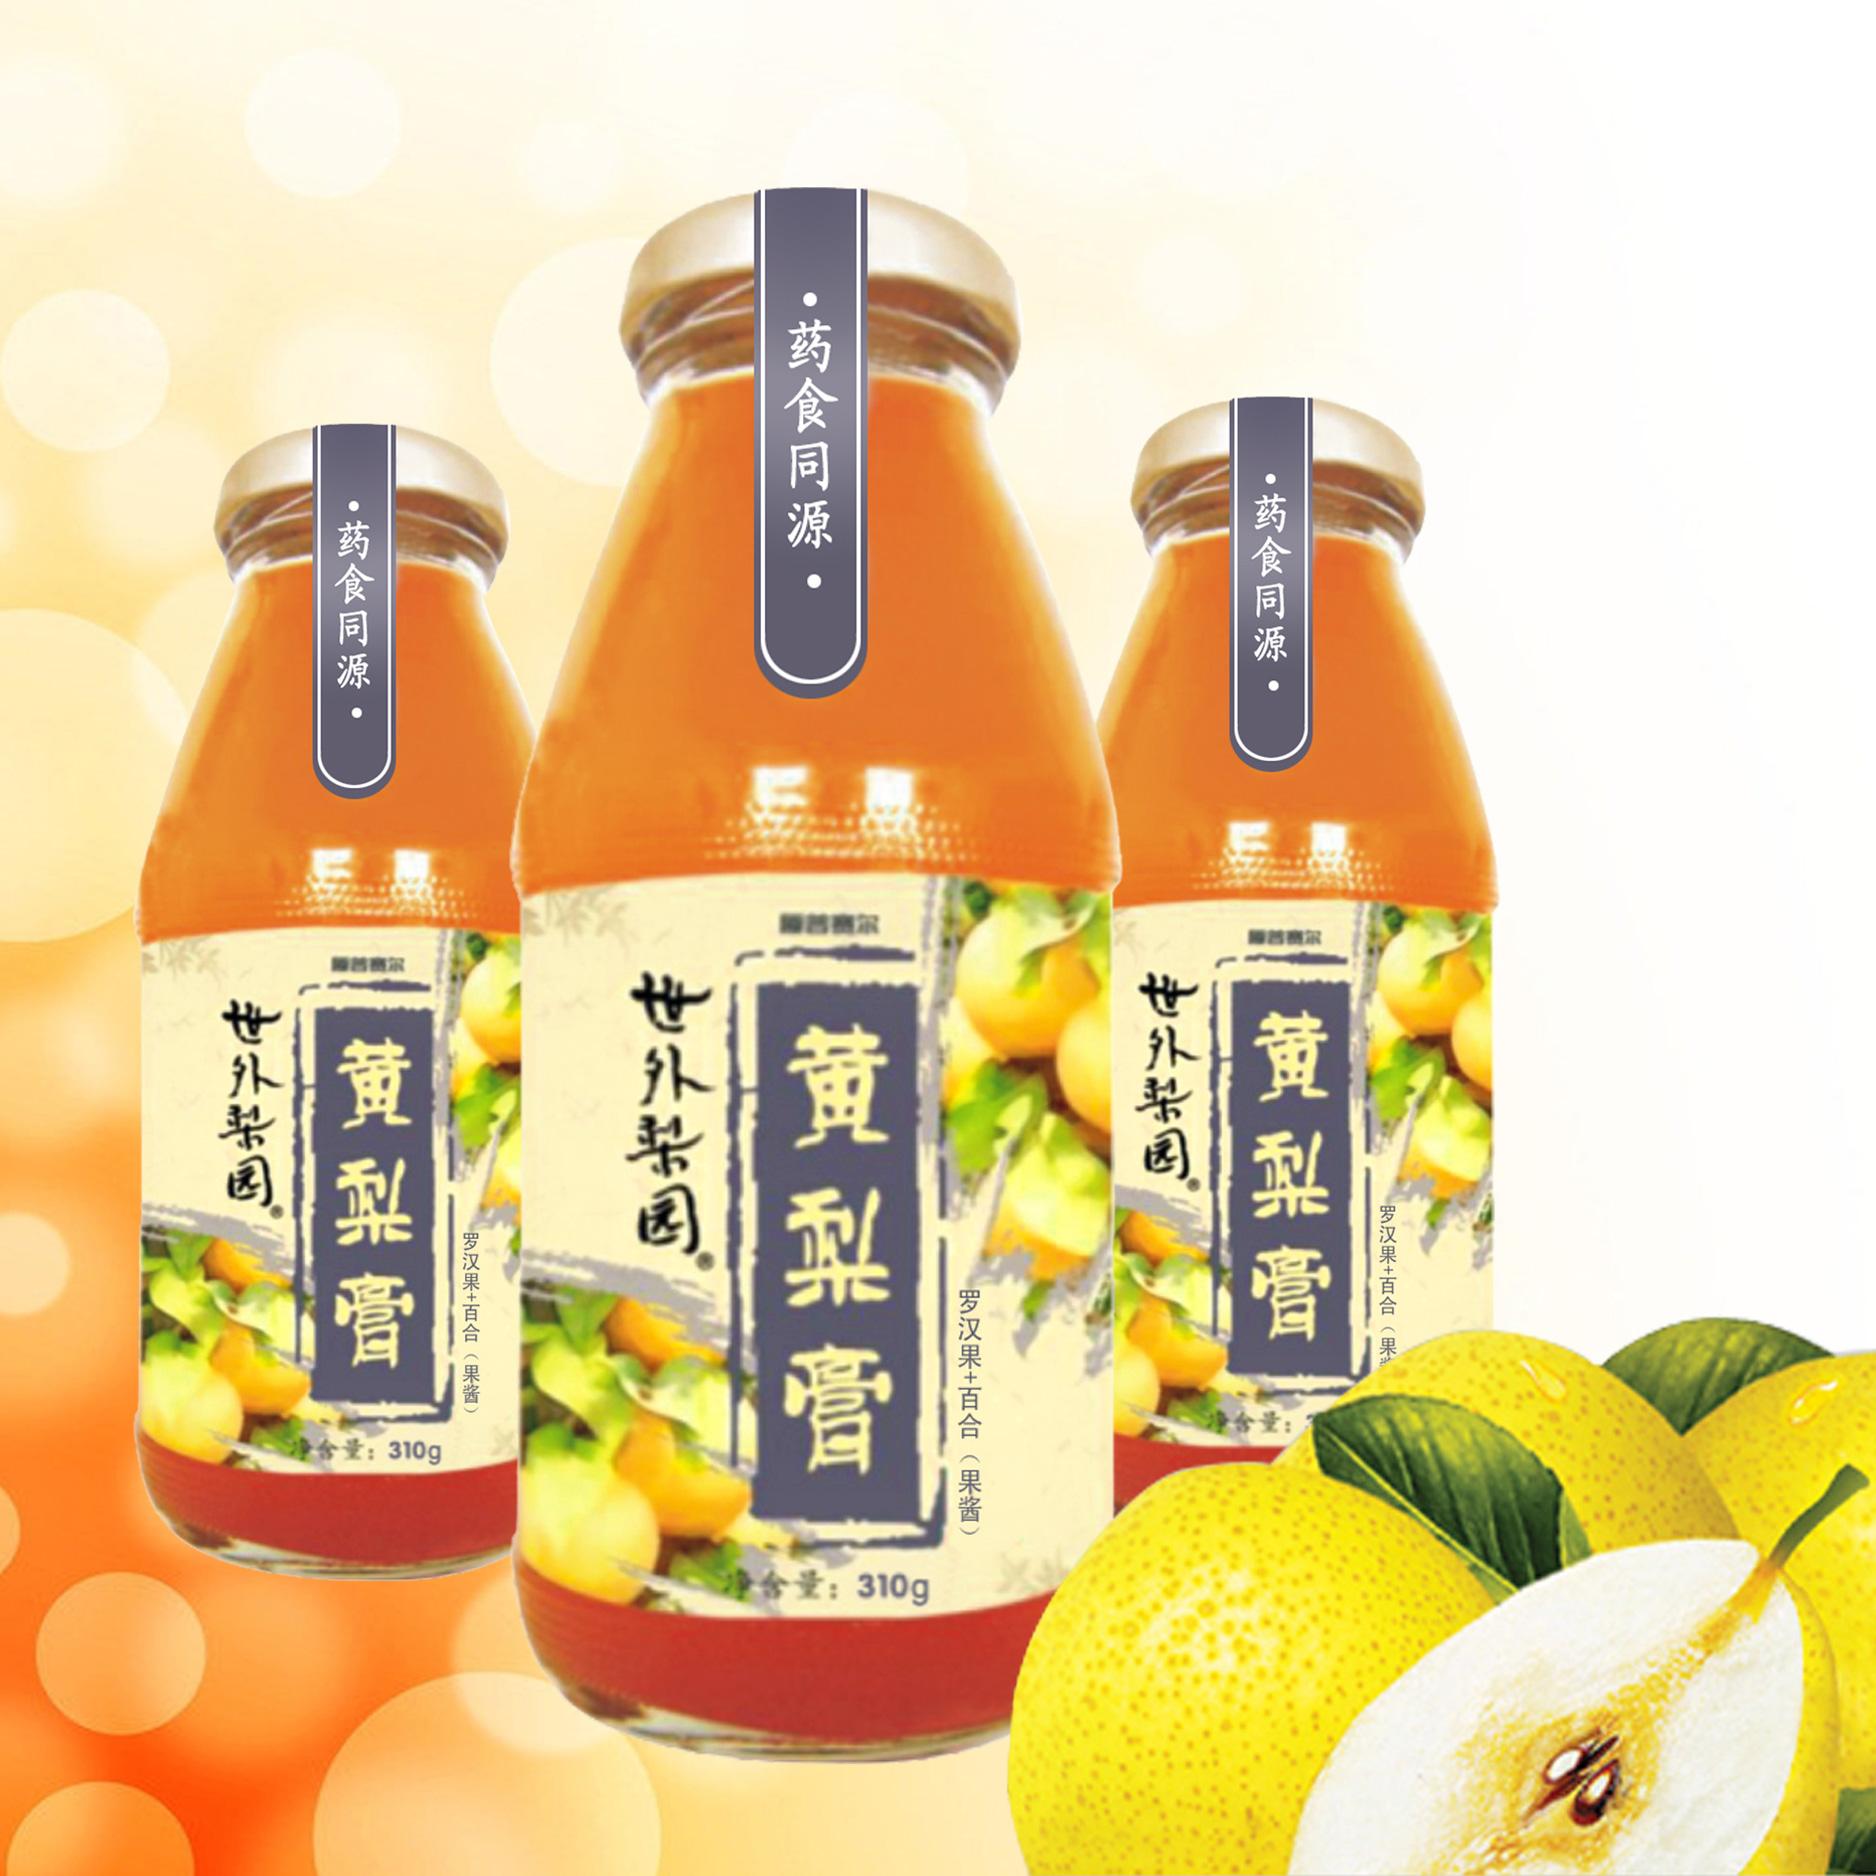 310g金銀花+淡竹葉黃梨膏